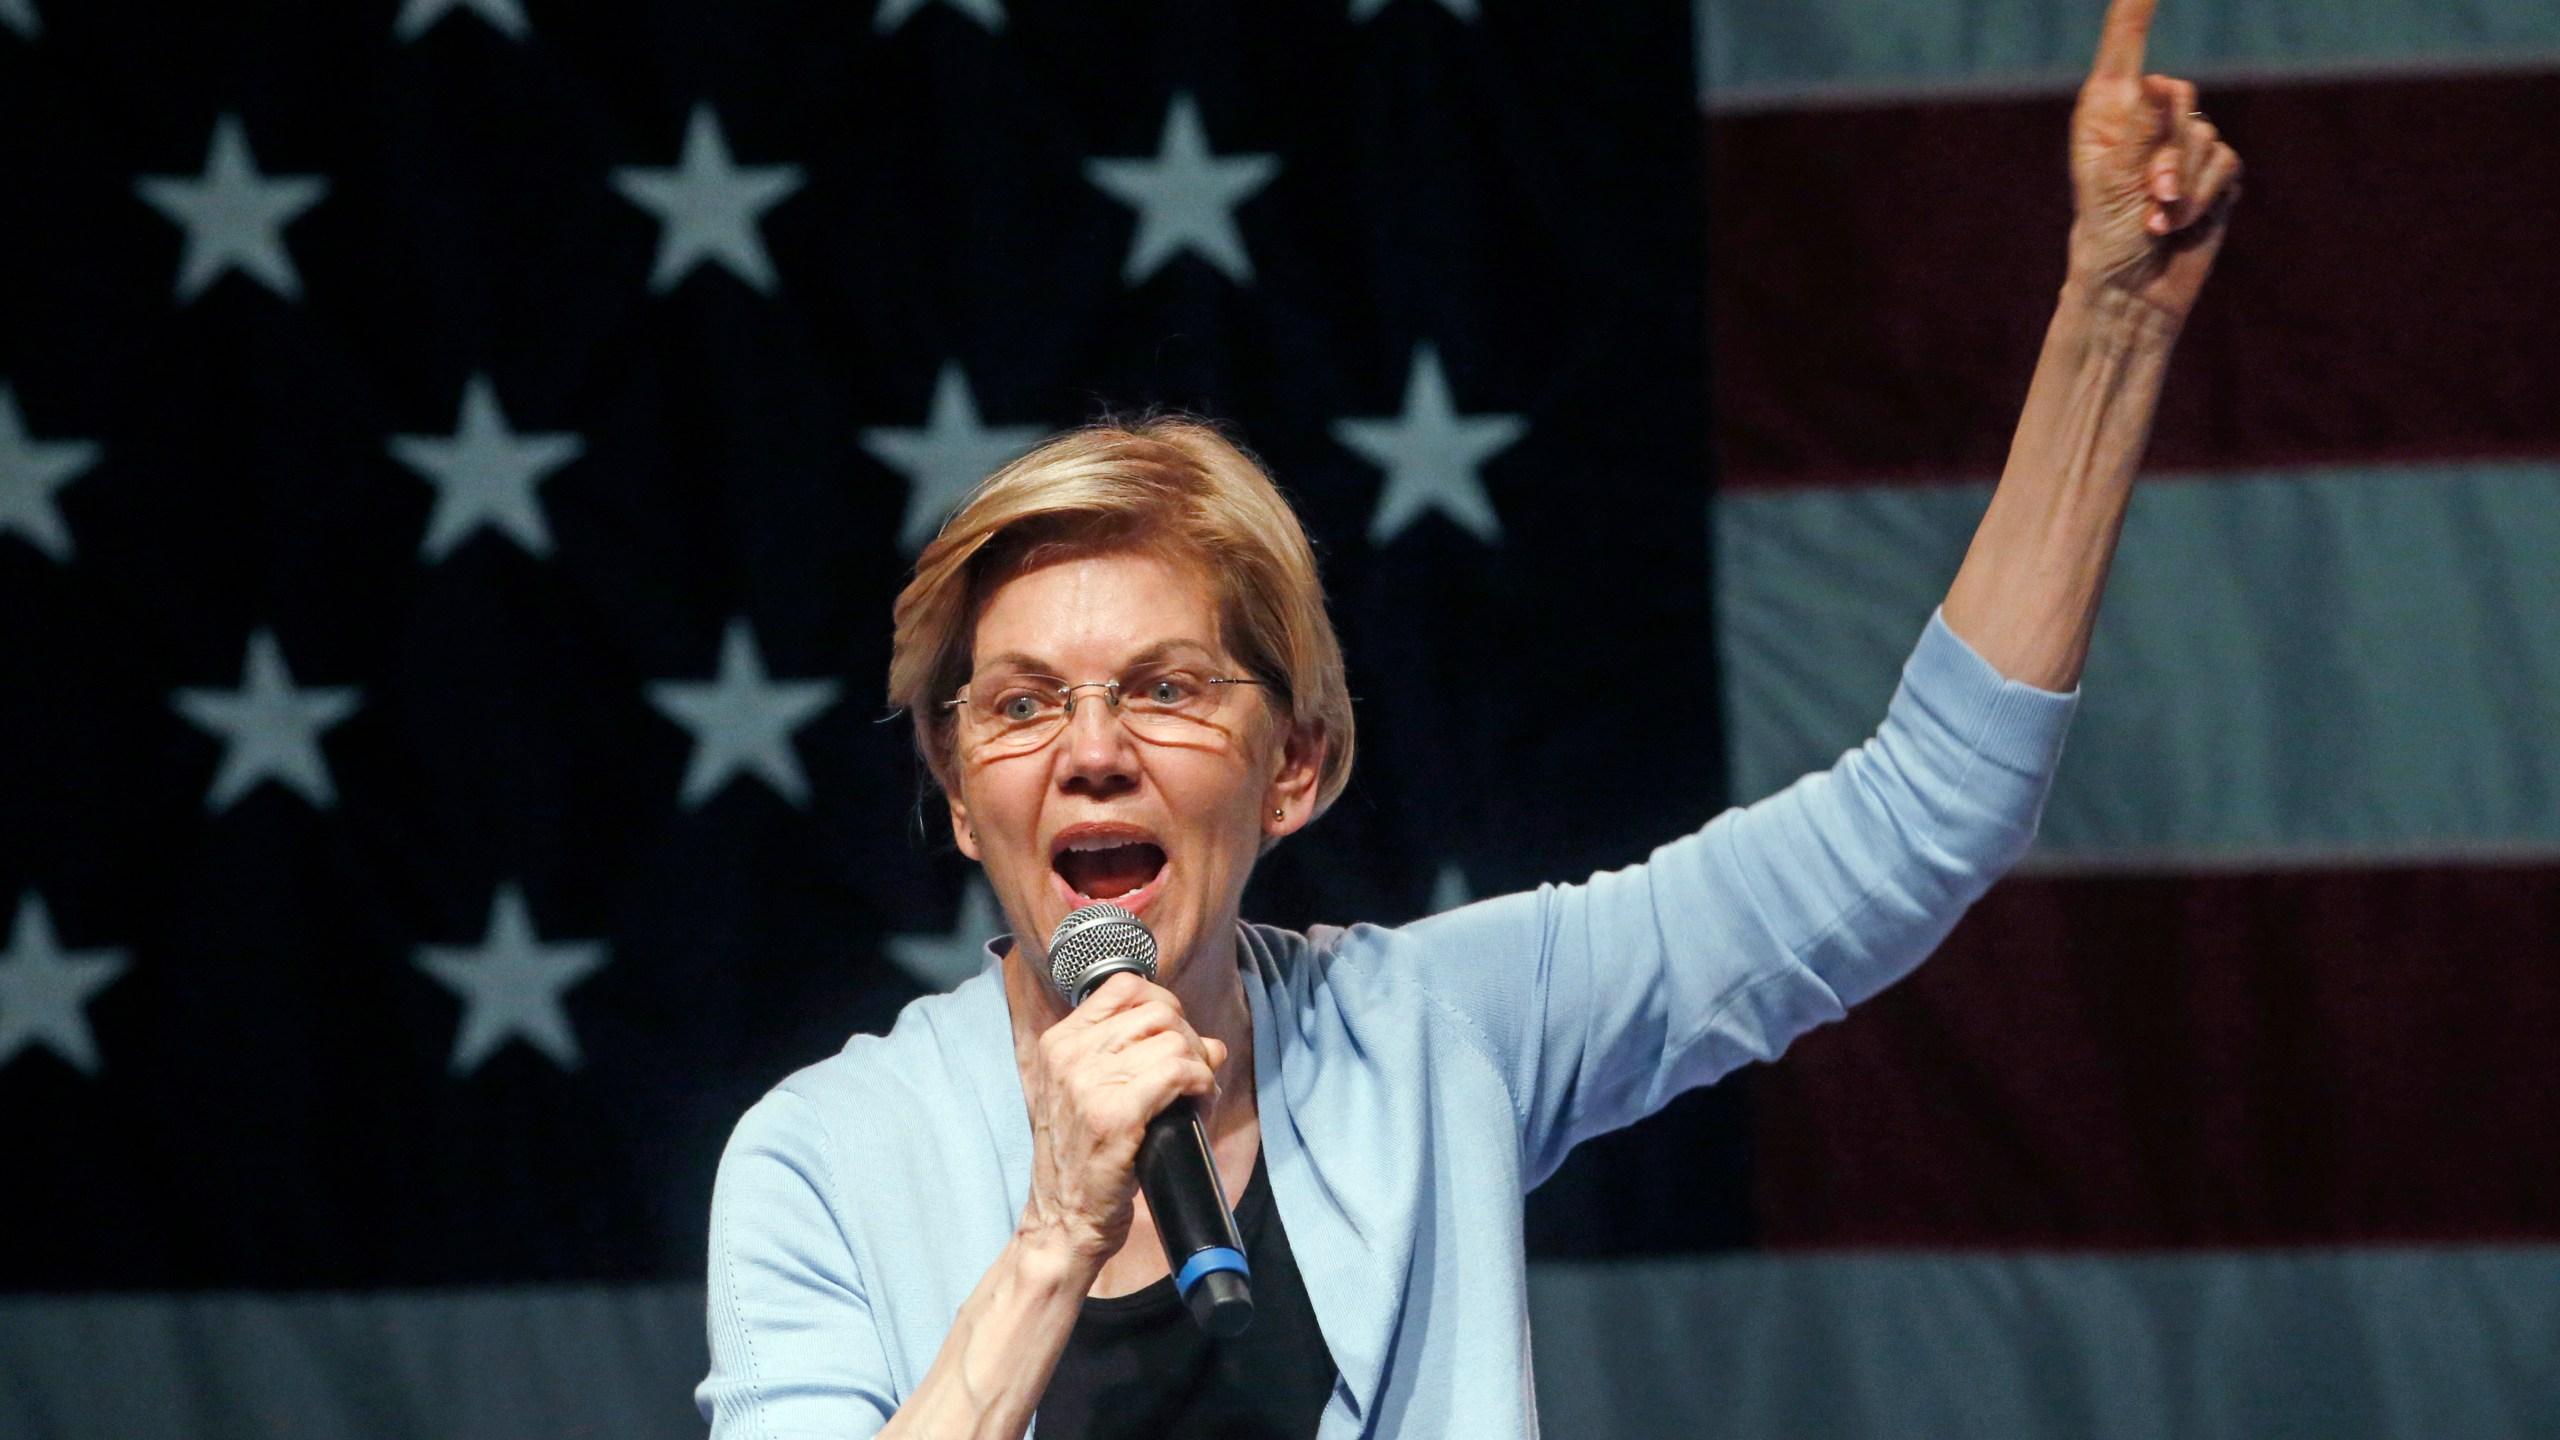 Election_2020_Warren_Public_Lands_93244-159532.jpg54761883